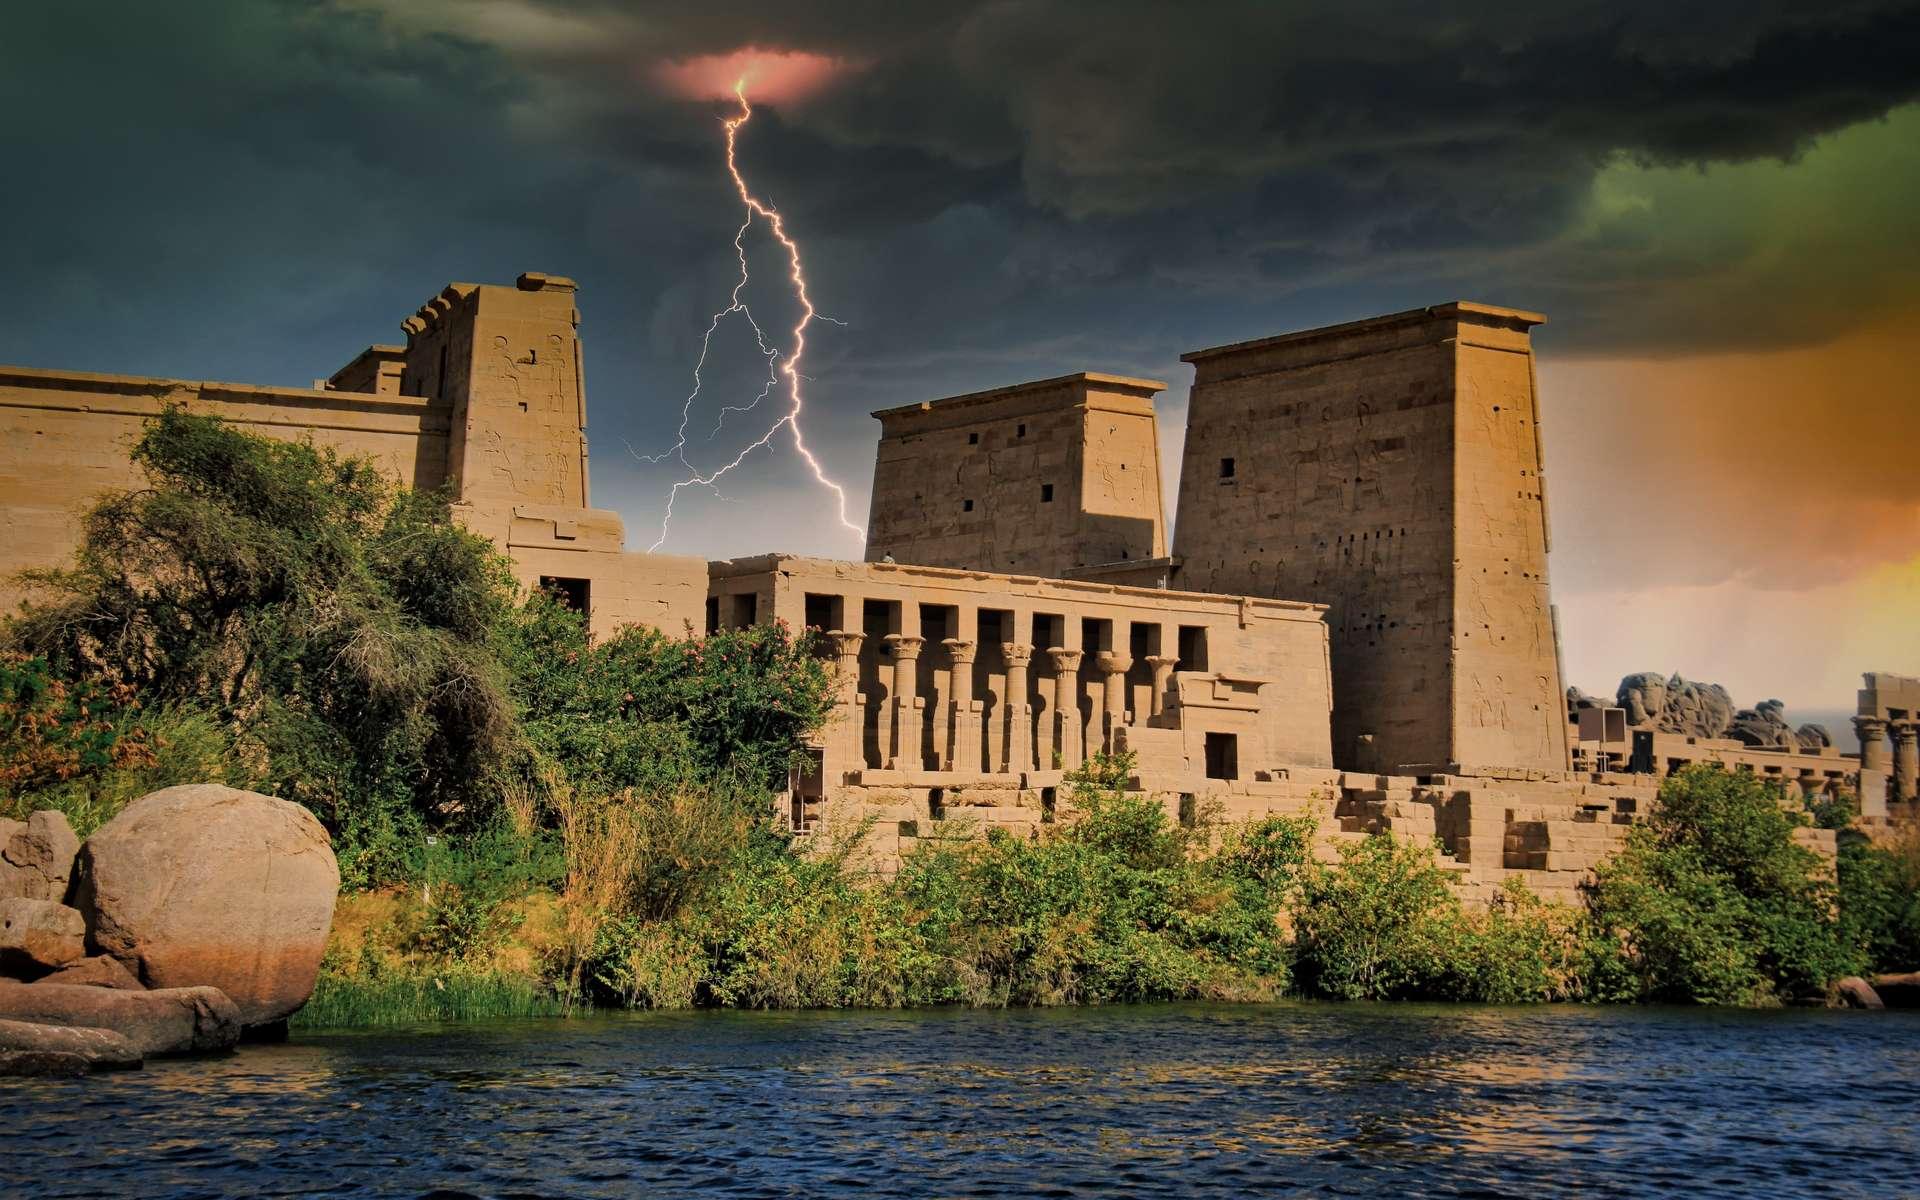 Ce pharaon est mort dans des circonstances terribles - Futura